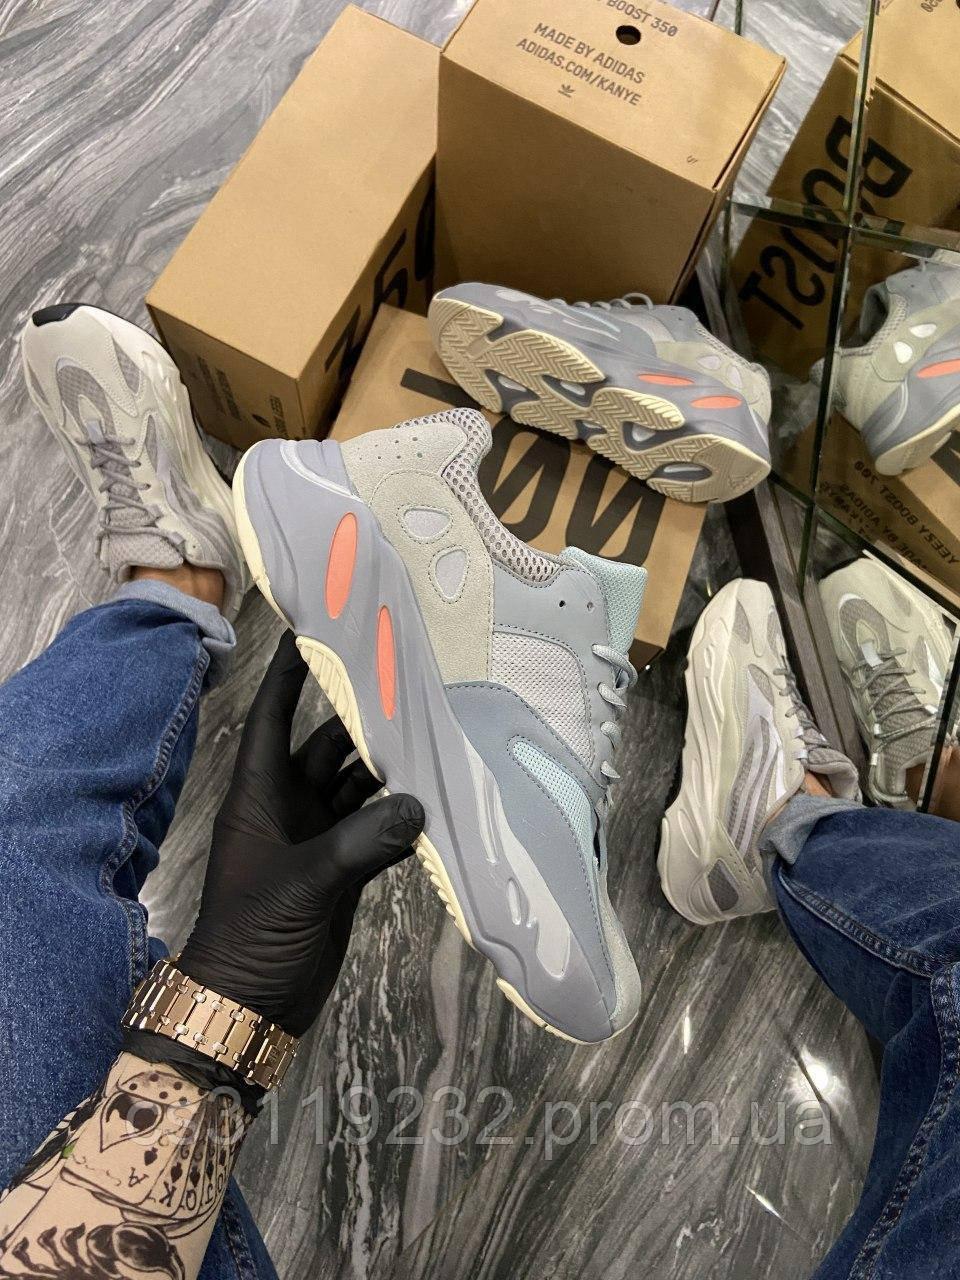 Чоловічі кросівки Adidas Yeezy Boost Wave Runner 700 Inertia (сірі)